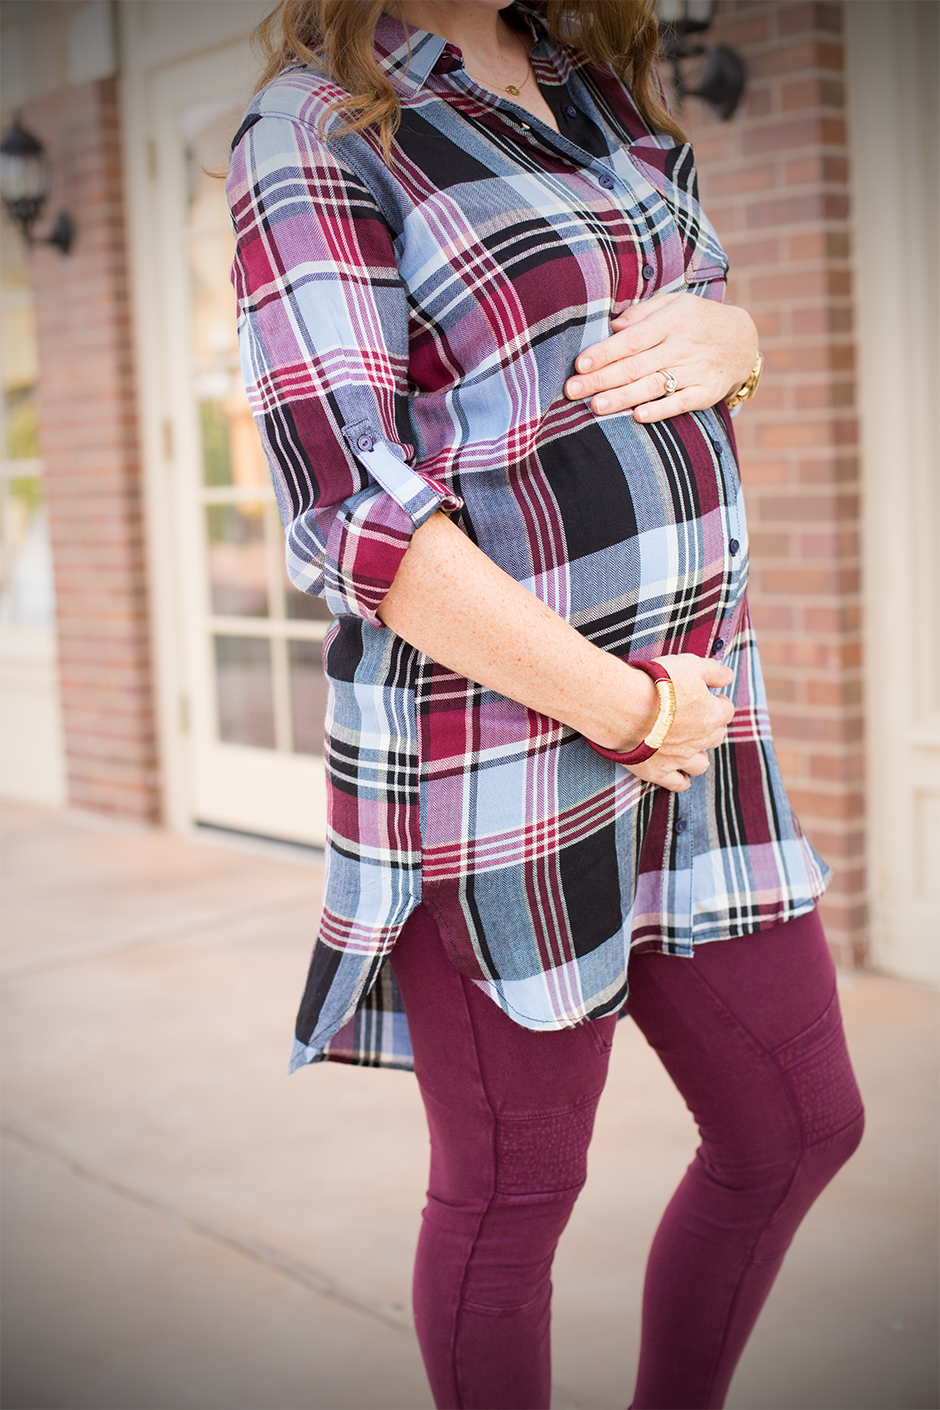 Pin on Women's Fashion - Maternity